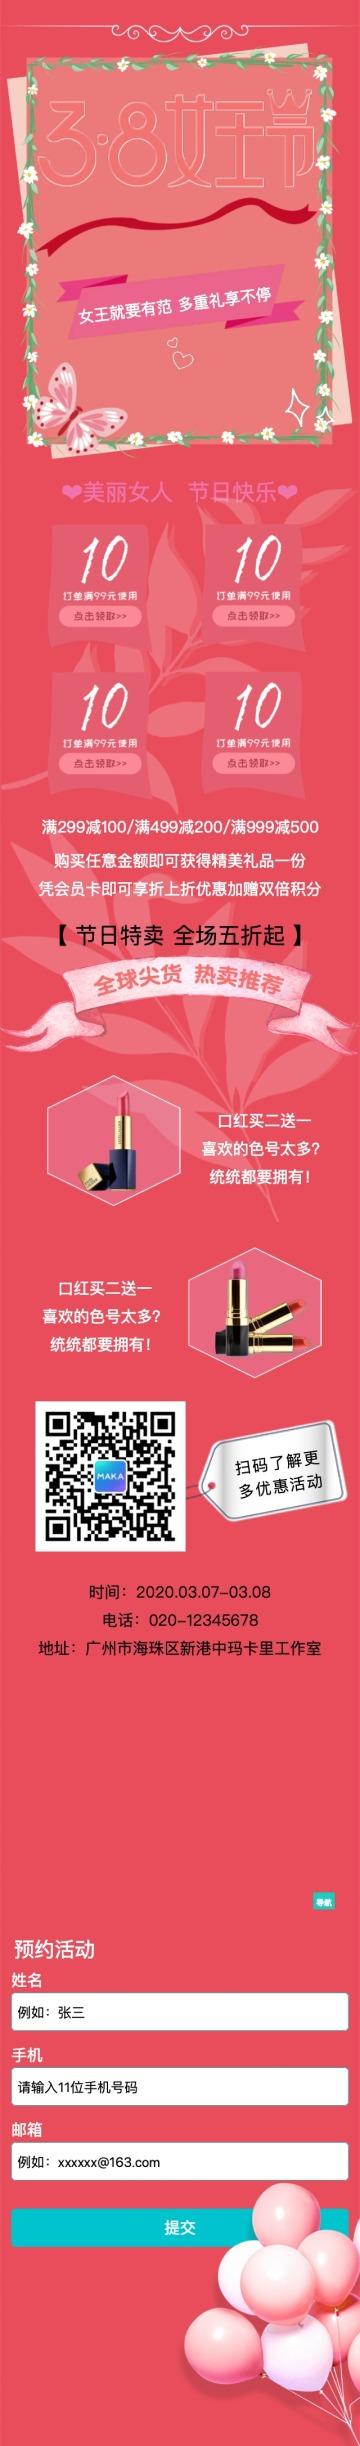 浪漫简约女神节促销活动单页宣传推广